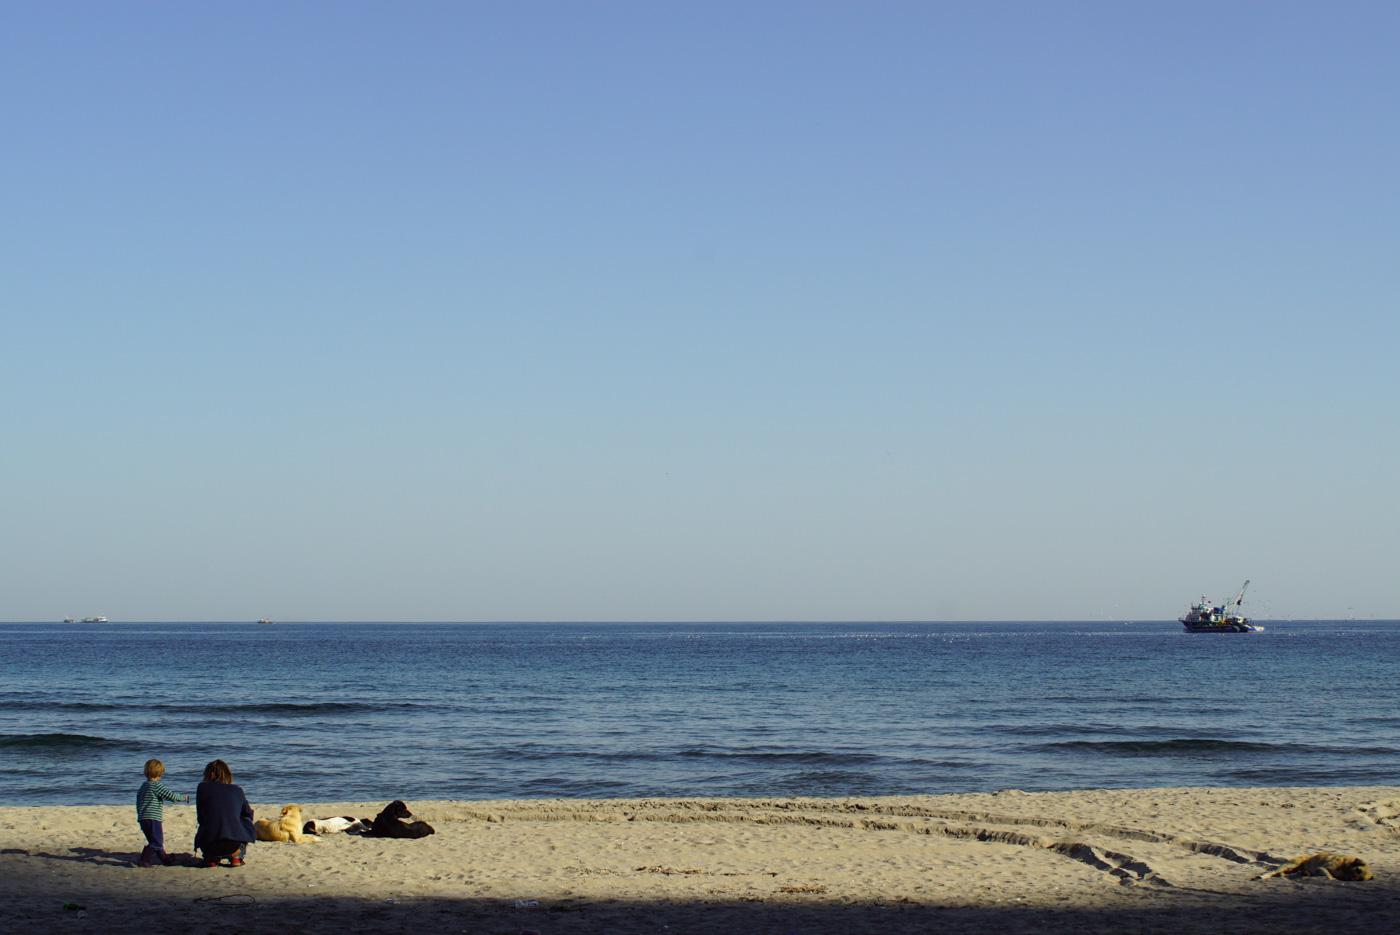 Luk steht neben Paul der in der Hocke sitzt und sie schauen aufs Meer. Neben ihnen liegen drei Hunde im Sand. Dahinter zeichnet sich das ruhige Schwarze Meer rechts am Bildrand fährt ein Fischkutter.